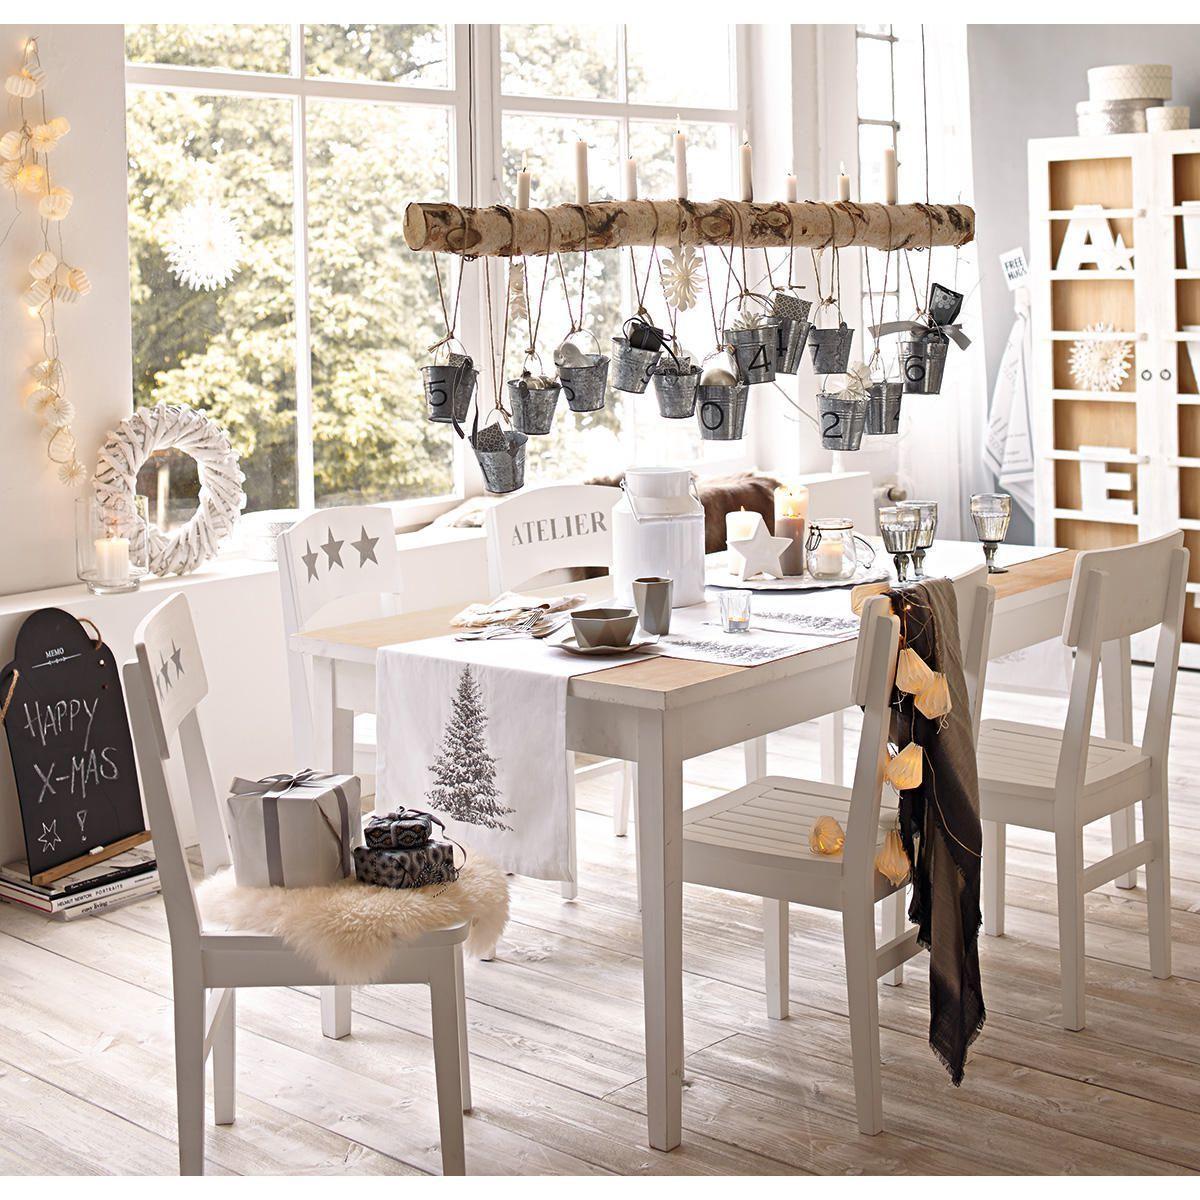 Shabby Chic Deko Ideen Weihnachten Das Beste Von Diy: Stuhl, Shabby Chic, Kiefer Massiv